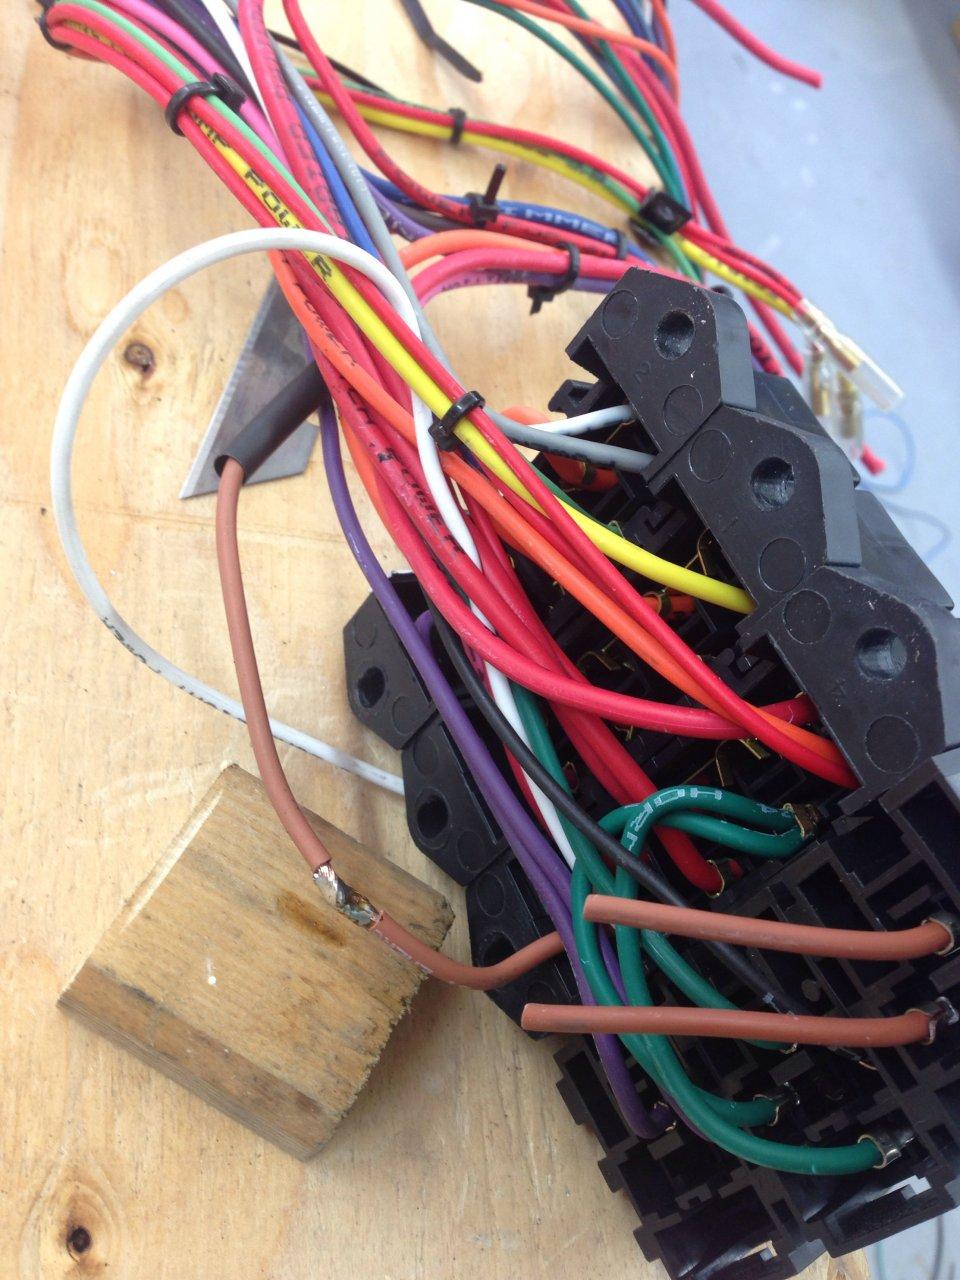 hazard light circuit wiring tip ih8mud forum ez wiring harness fj40 at n-0.co